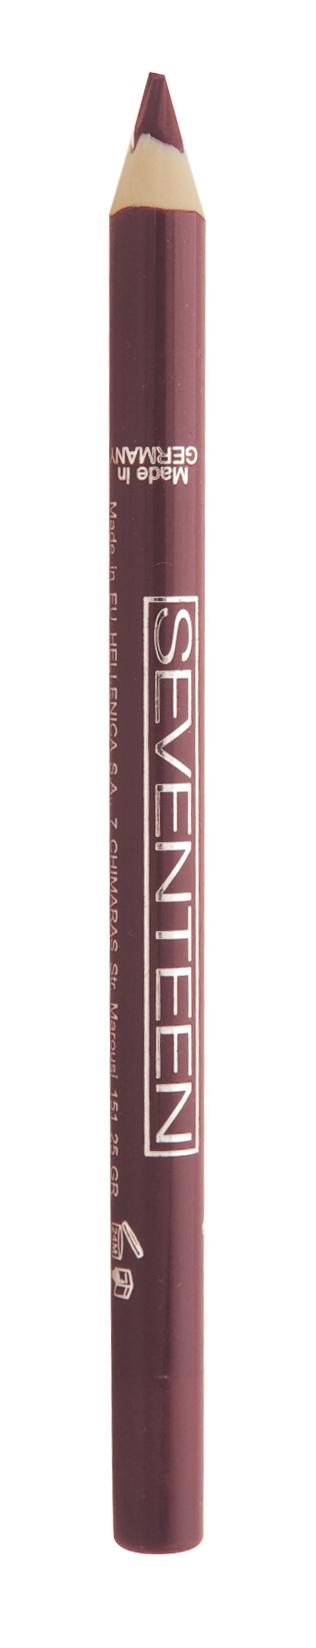 SEVENTEEN Карандаш для губ водостойкий с витамином Е, 29 кофе мокко / Super Smooth W/P Lip Liner 1,2 г косметические карандаши seventeen карандаш для губ водостойкий с витамином е super smooth w p lip liner 32